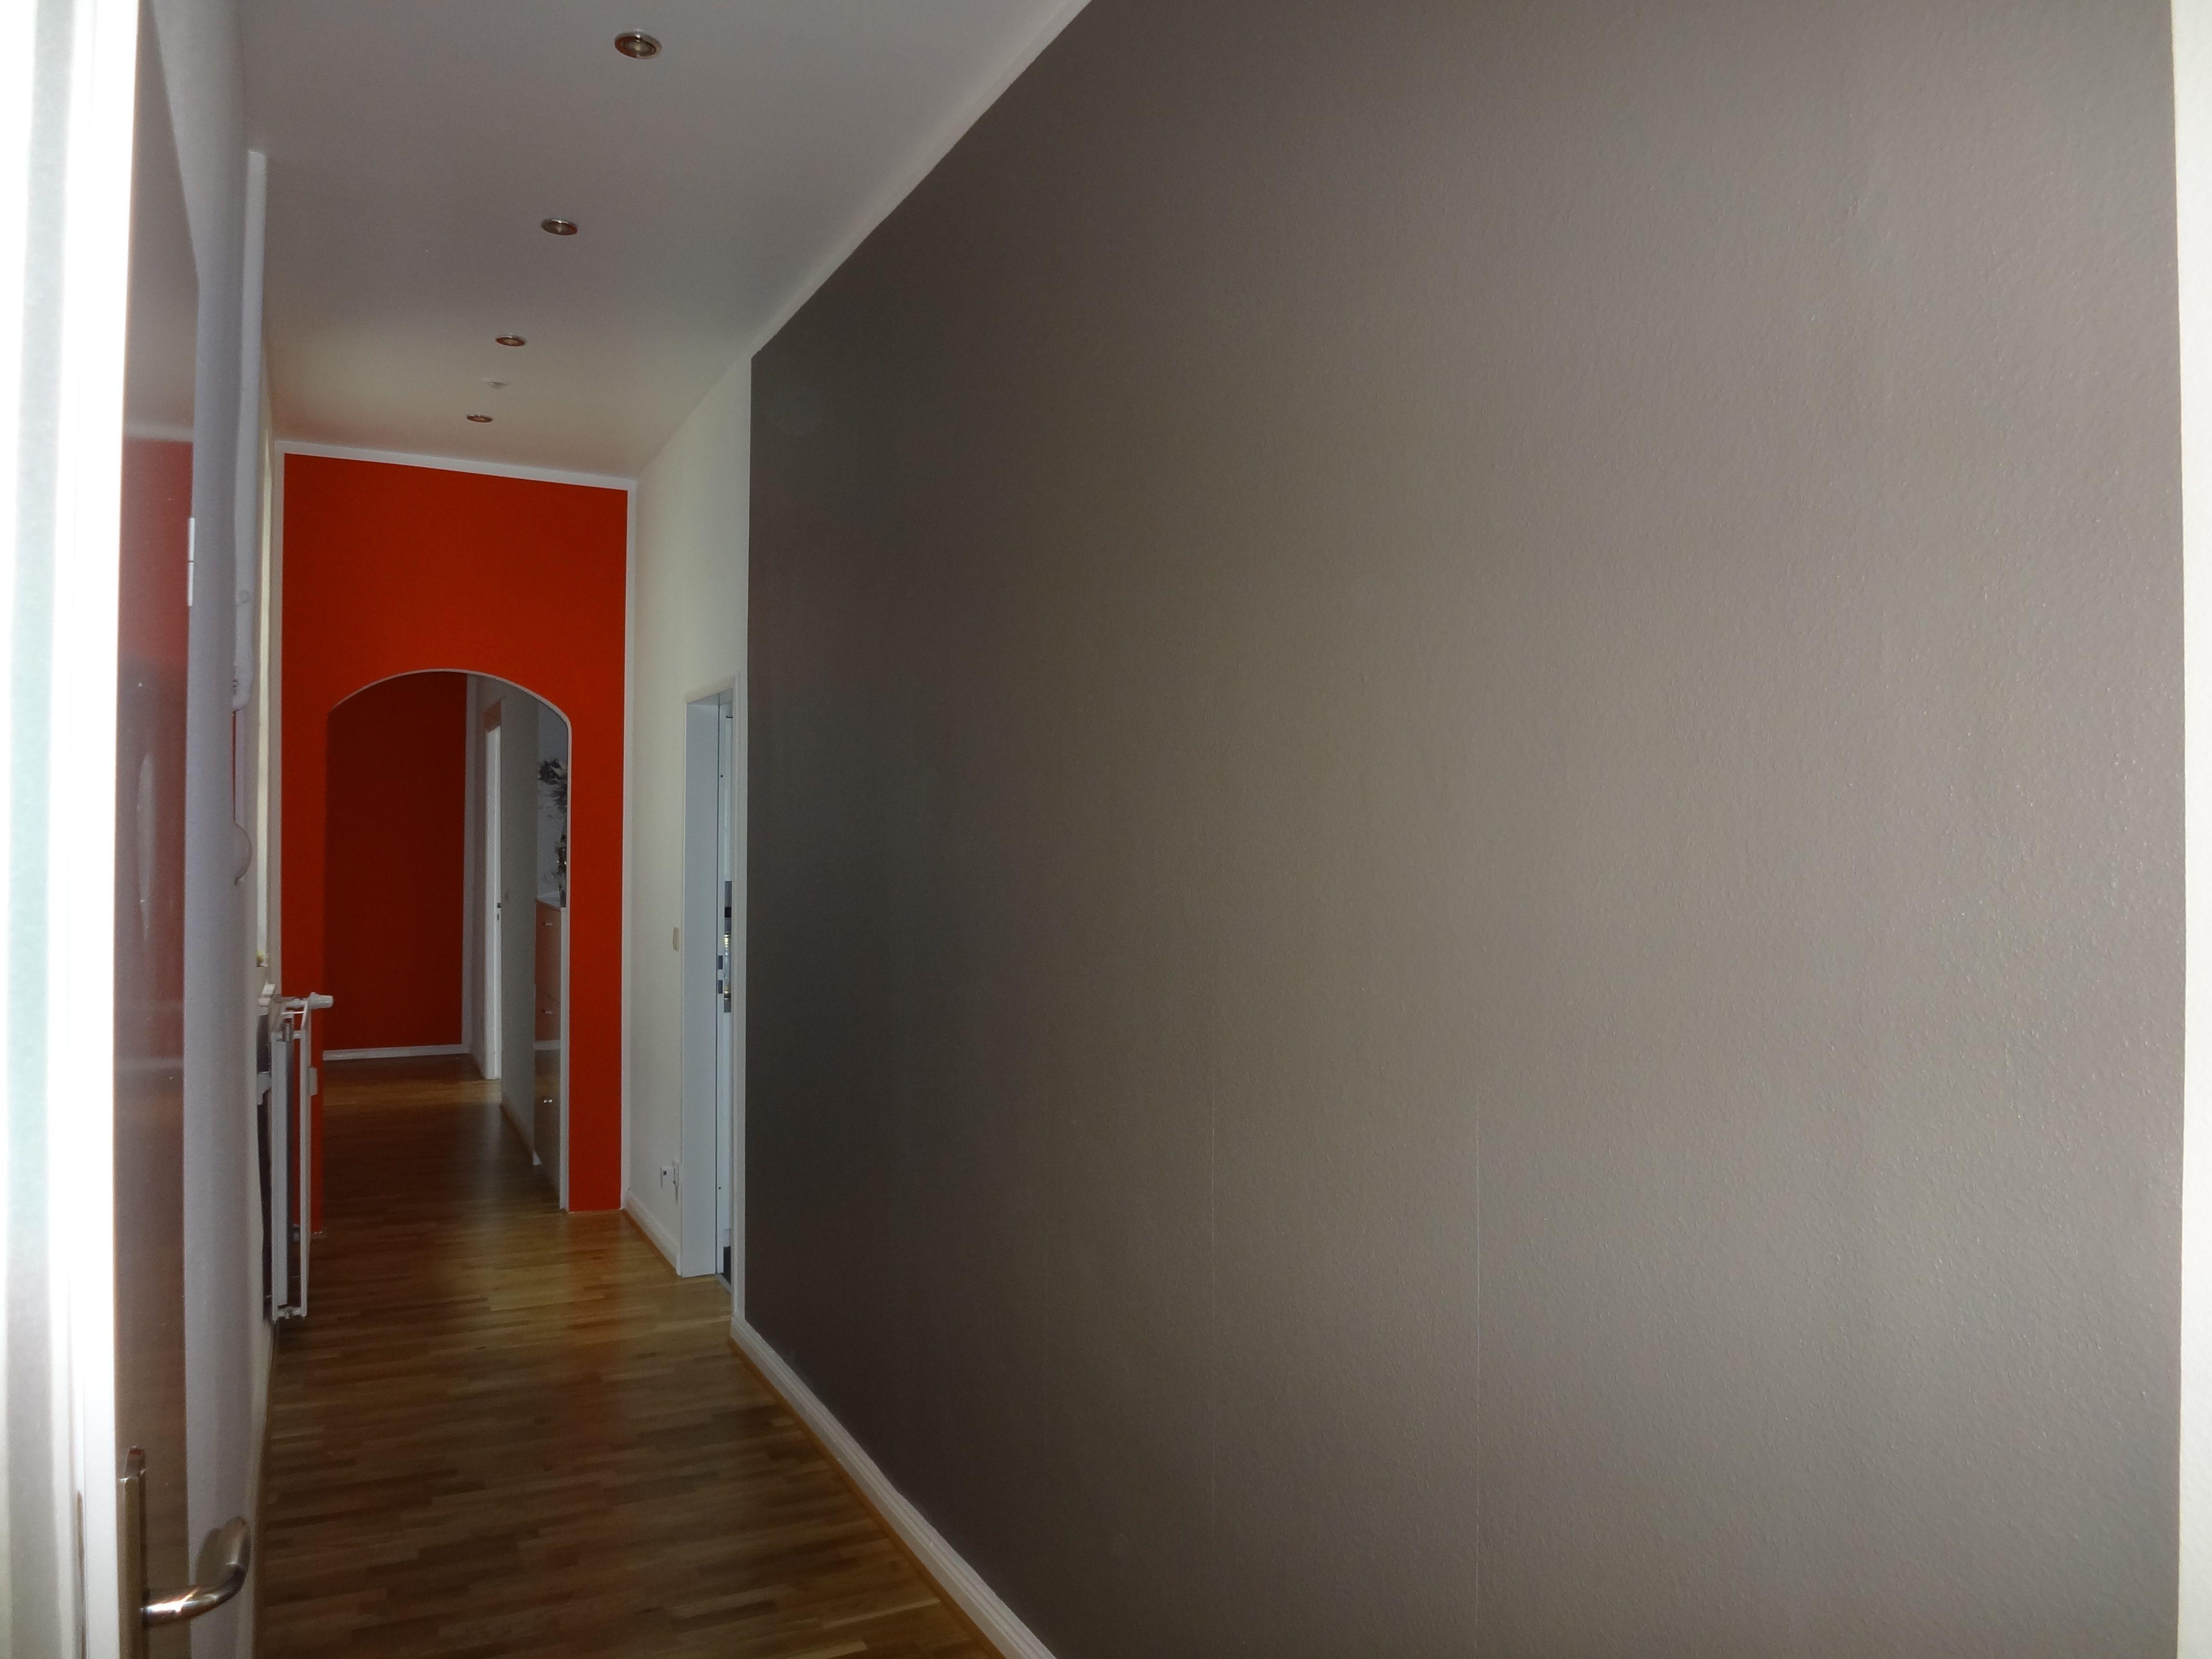 Wand Dekor, Zum Sich Zu Bilden - linearsystem.co - Home Design Ideen ...